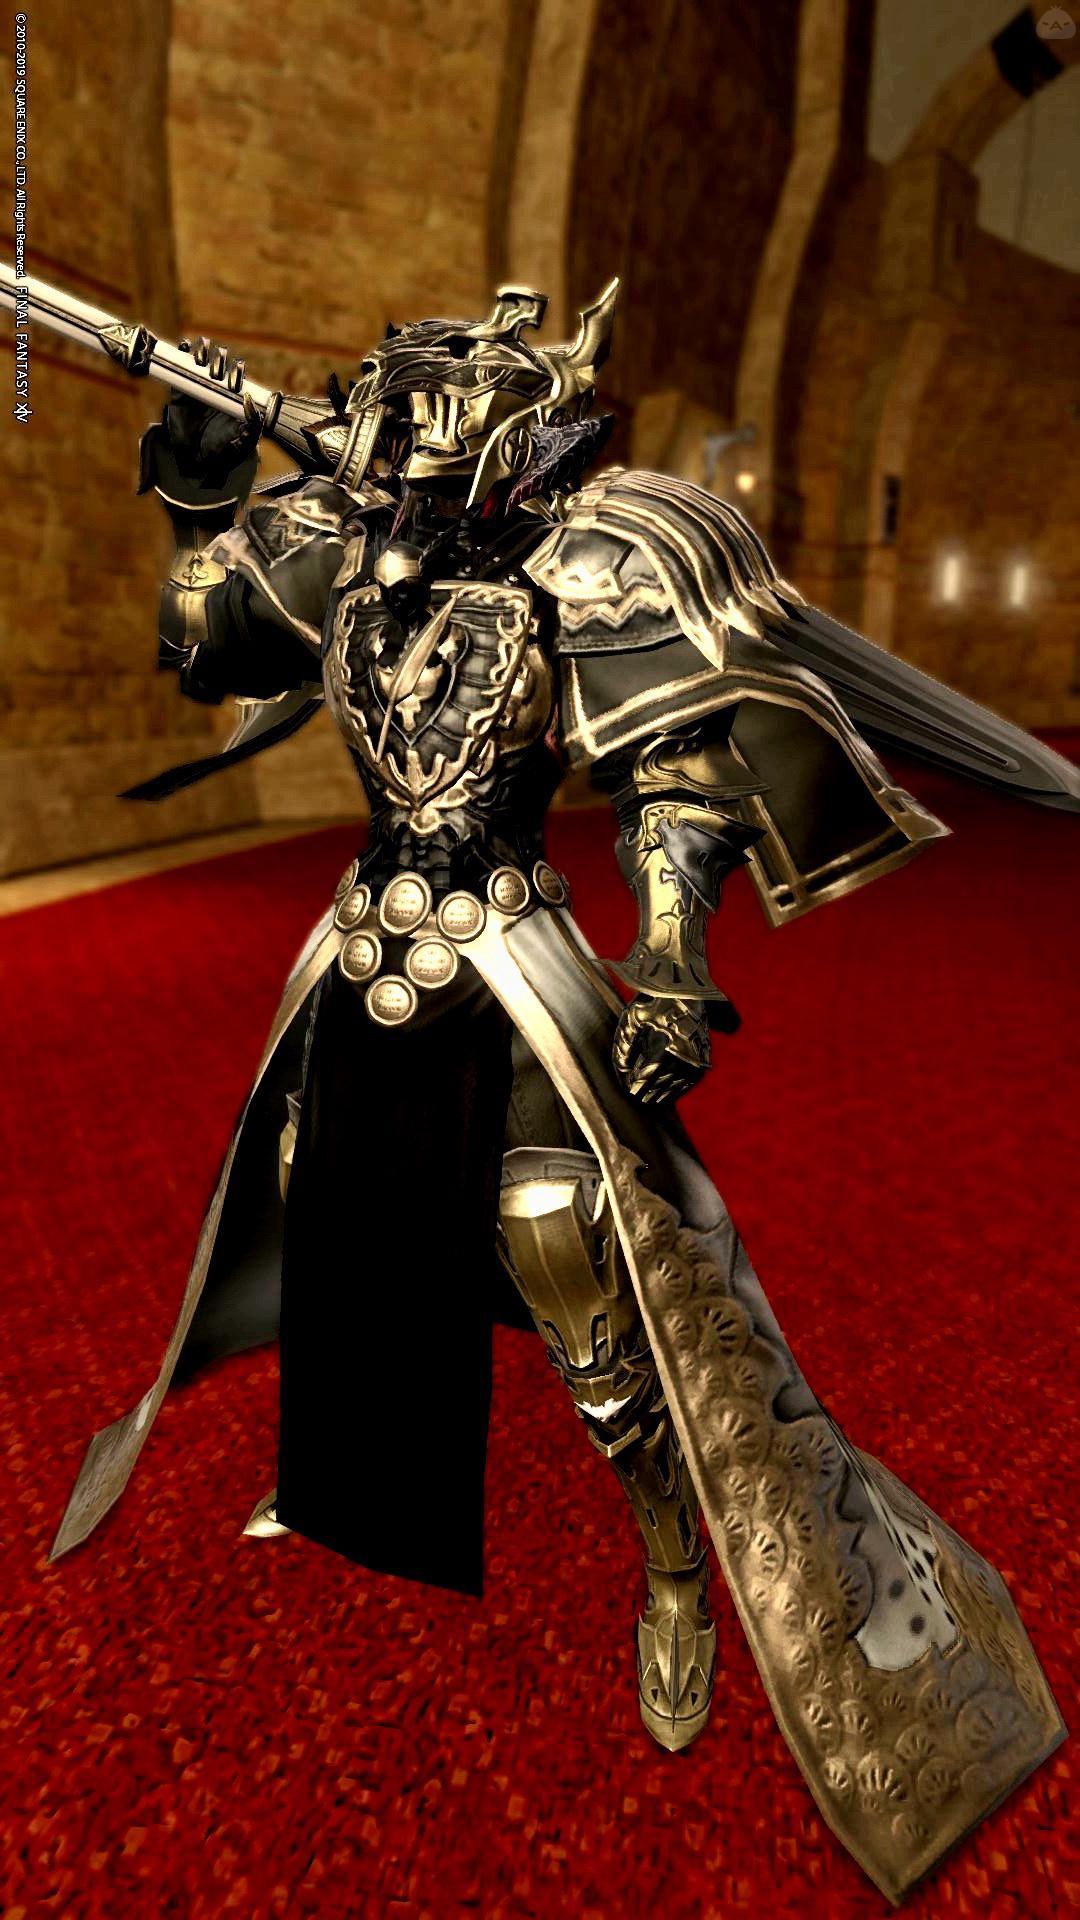 上級暗黒騎士